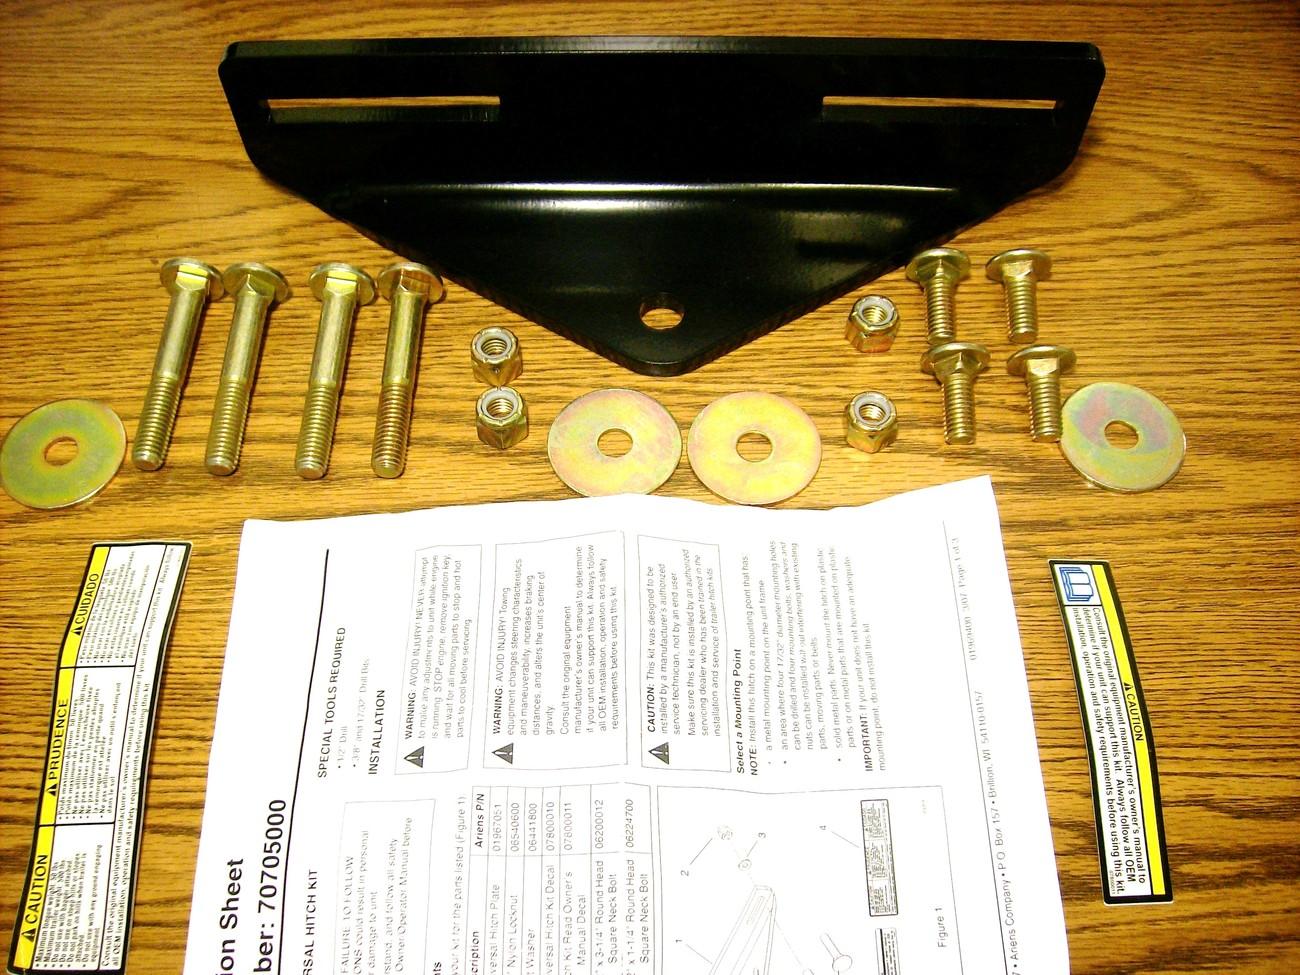 Exmark Lazer Z, Phazer lawn mower hitch and 50 similar items